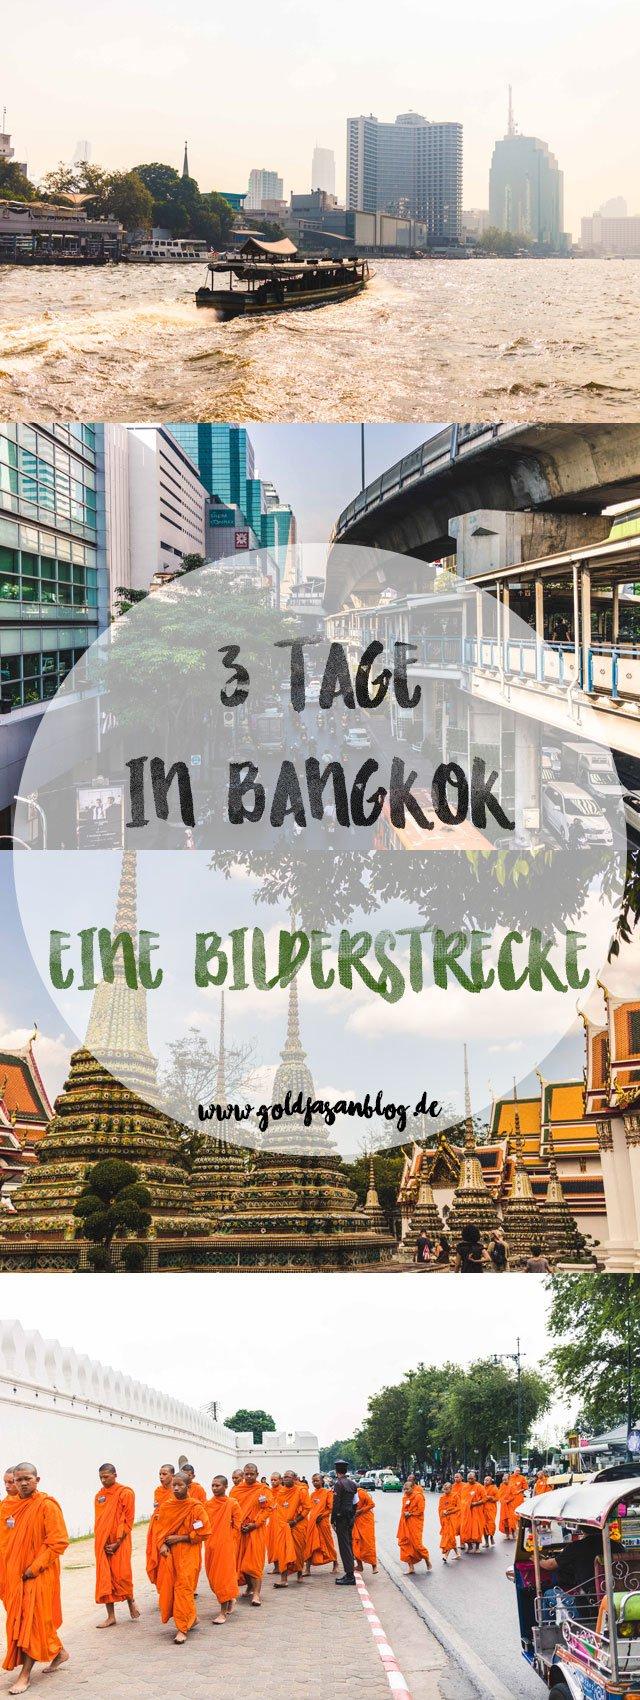 Collage mit Bilderstrecke aus Bangkok